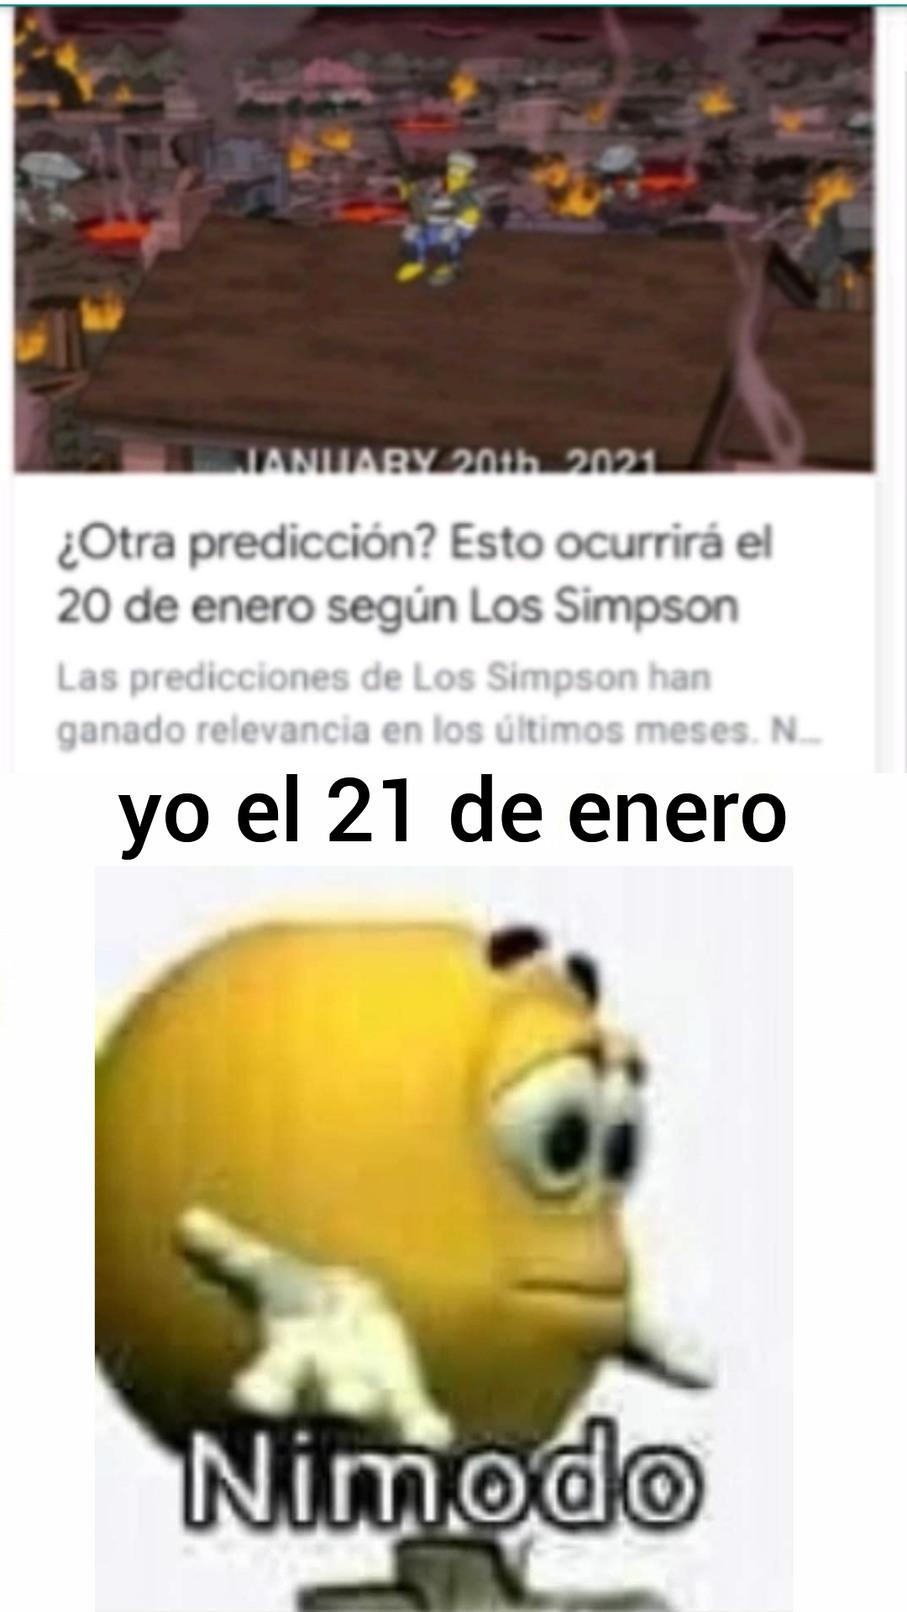 nimodo - meme